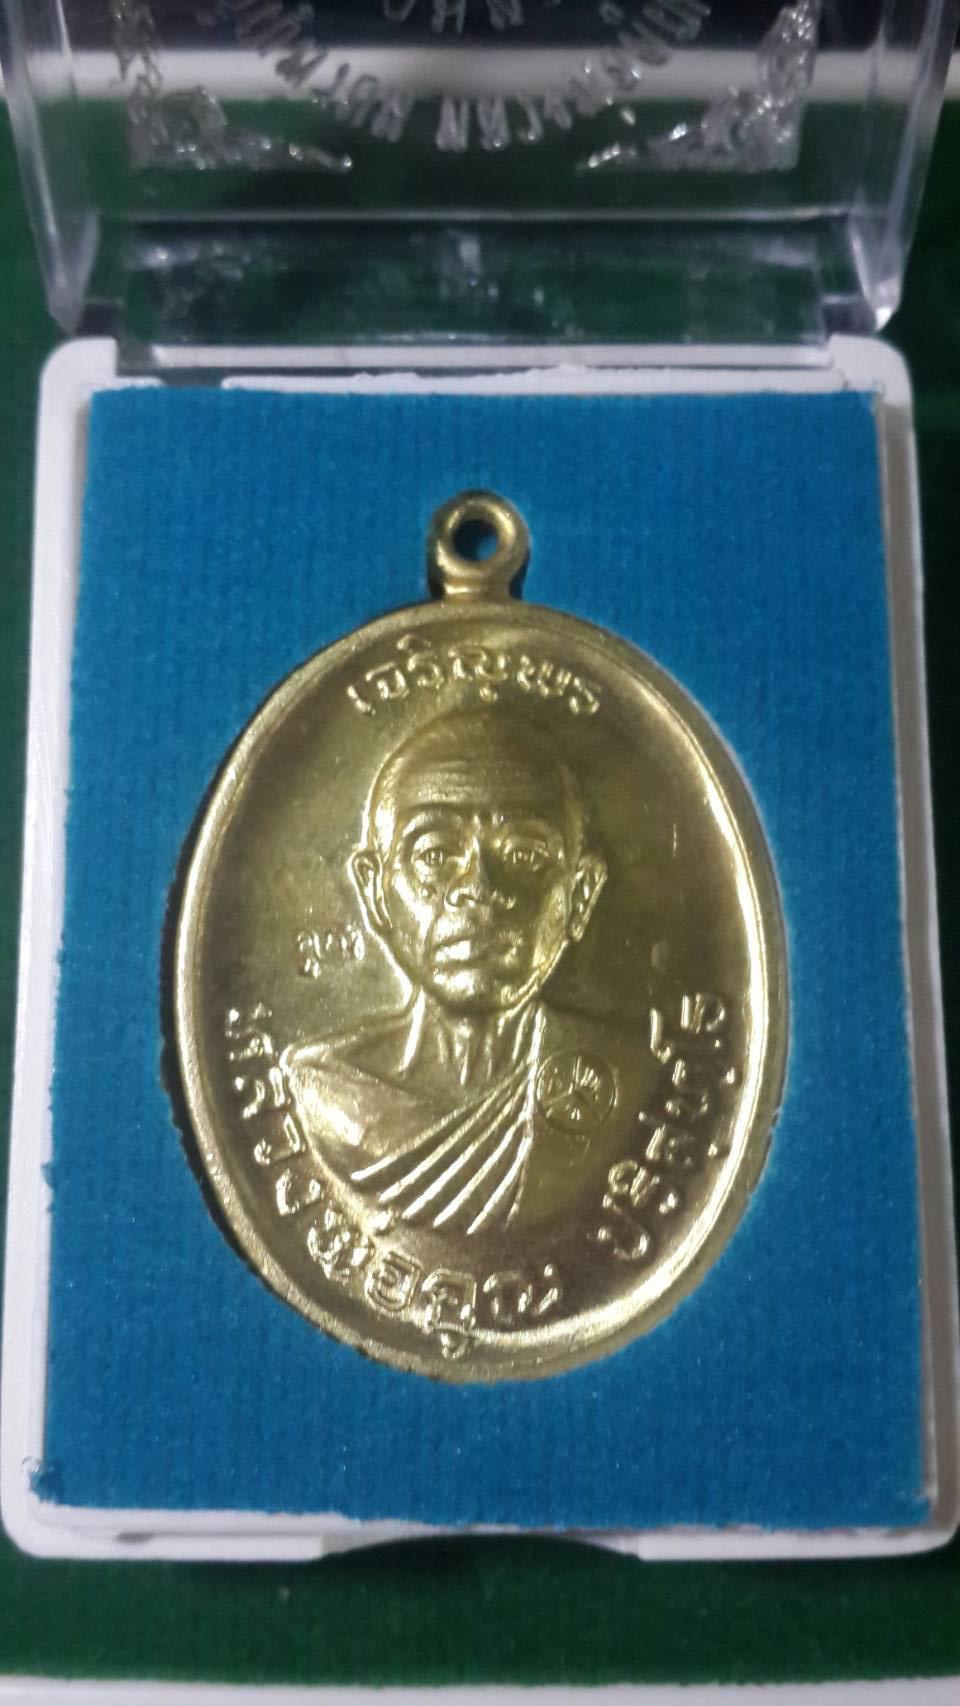 เหรียญหลวงพ่อคูณรุ่นเจริญพรบน ปี2536 รูปที่ 2